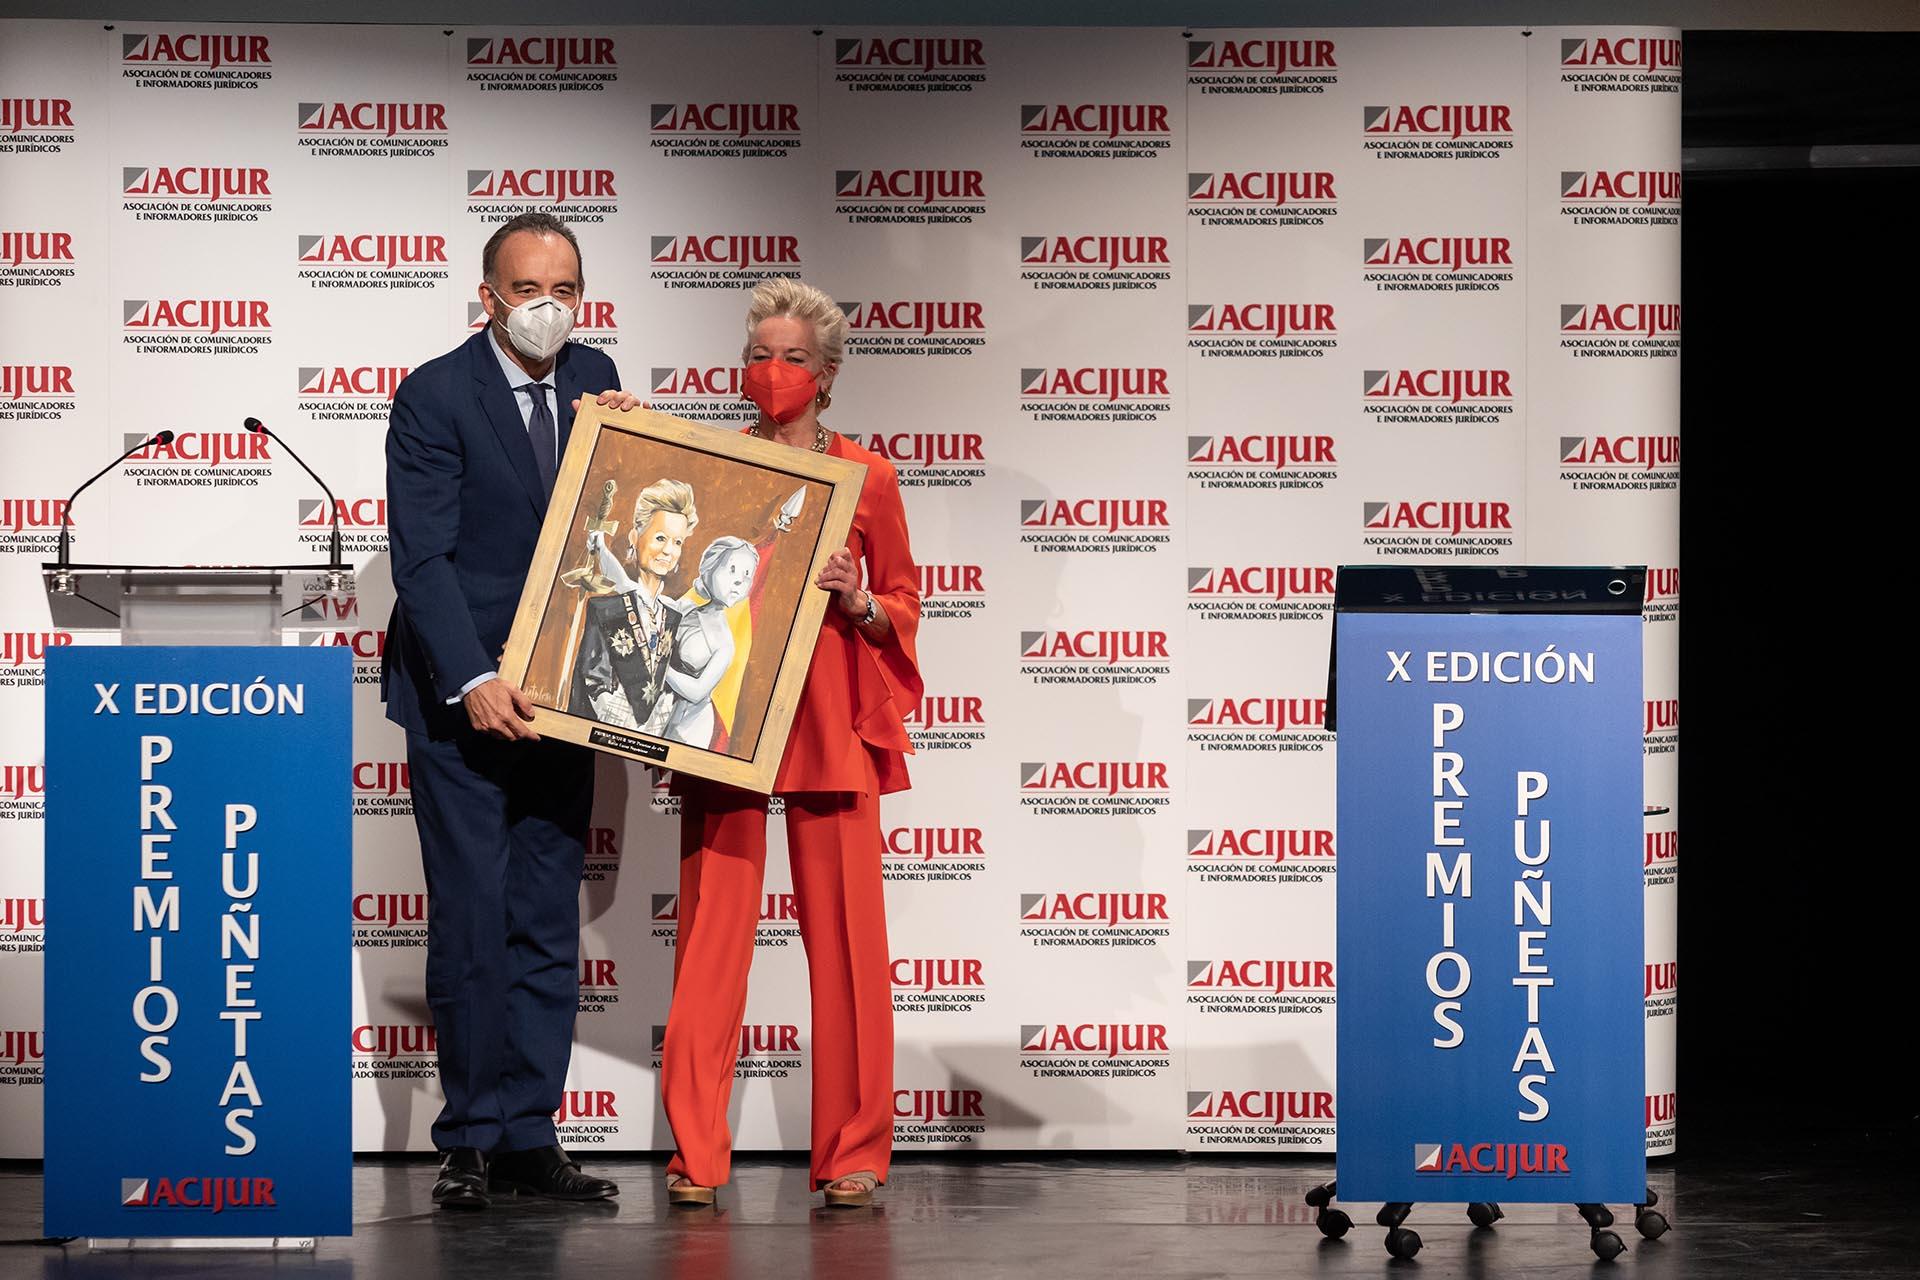 María Luisa Segoviano recoge el premio Puñetas de Oro de las manos de Manuel Marchena, presidente de la Sala Segunda del Tribunal Supremo.